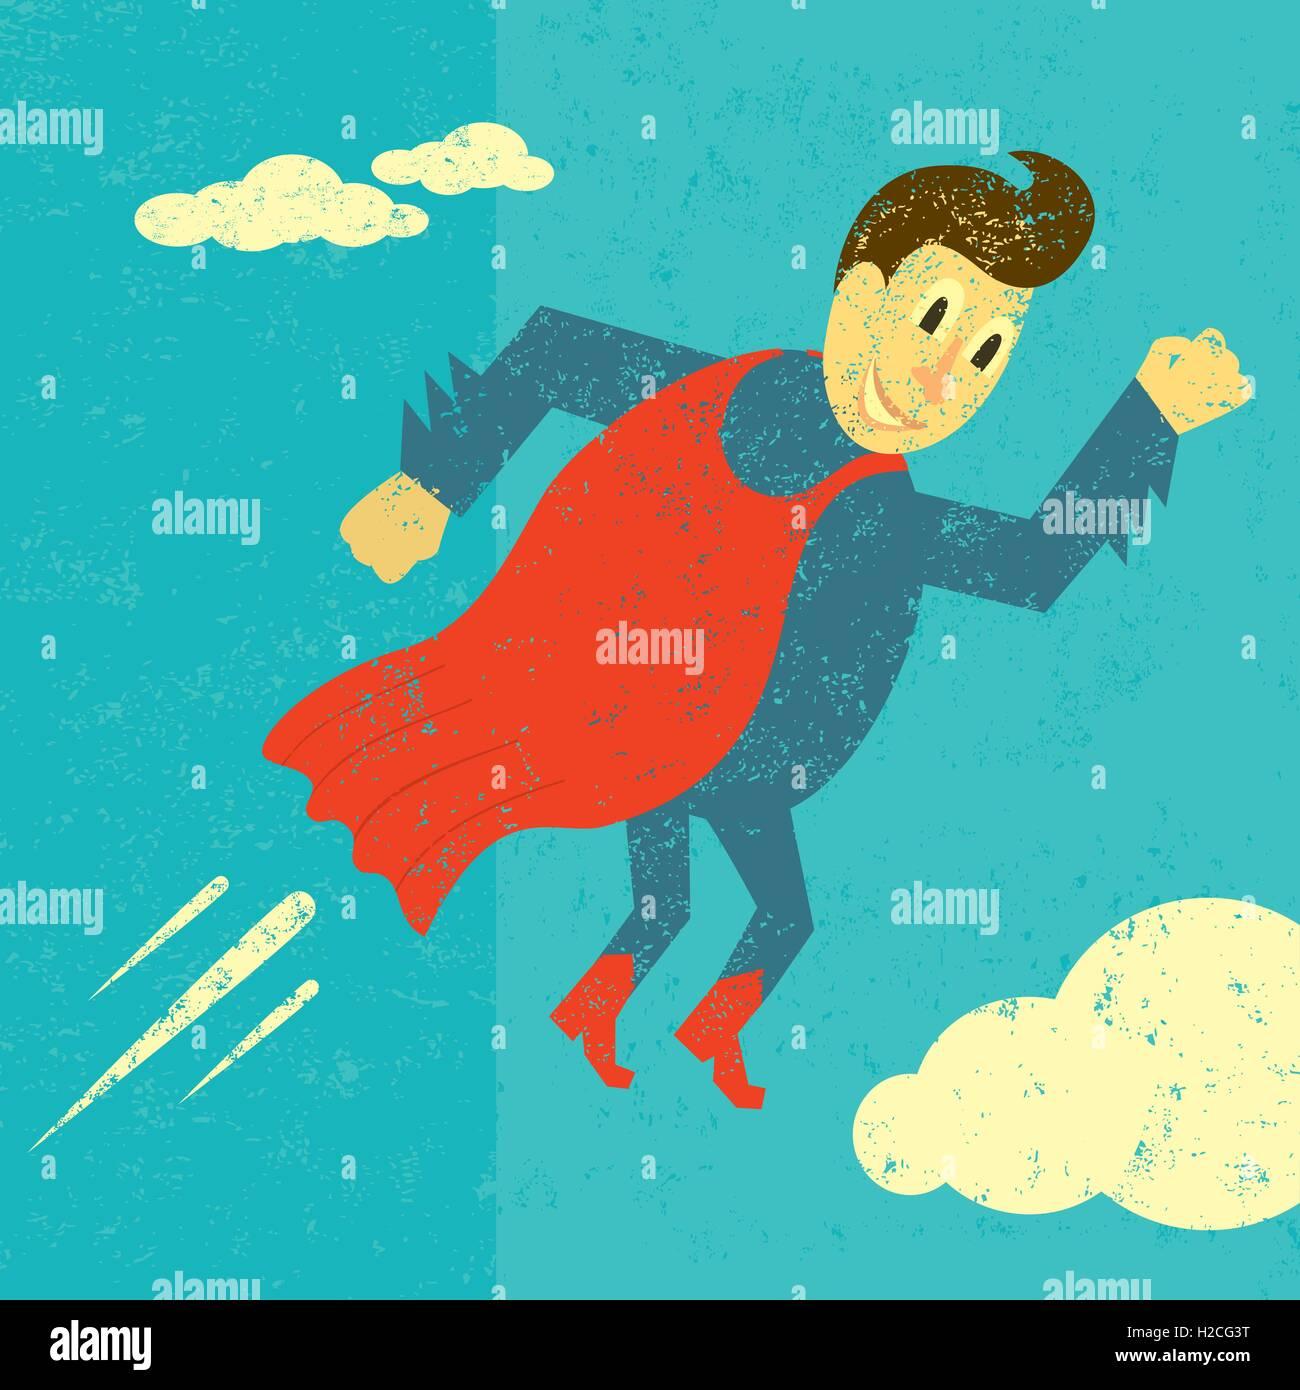 Retro Superhero A super hero over an abstract sky background. - Stock Vector